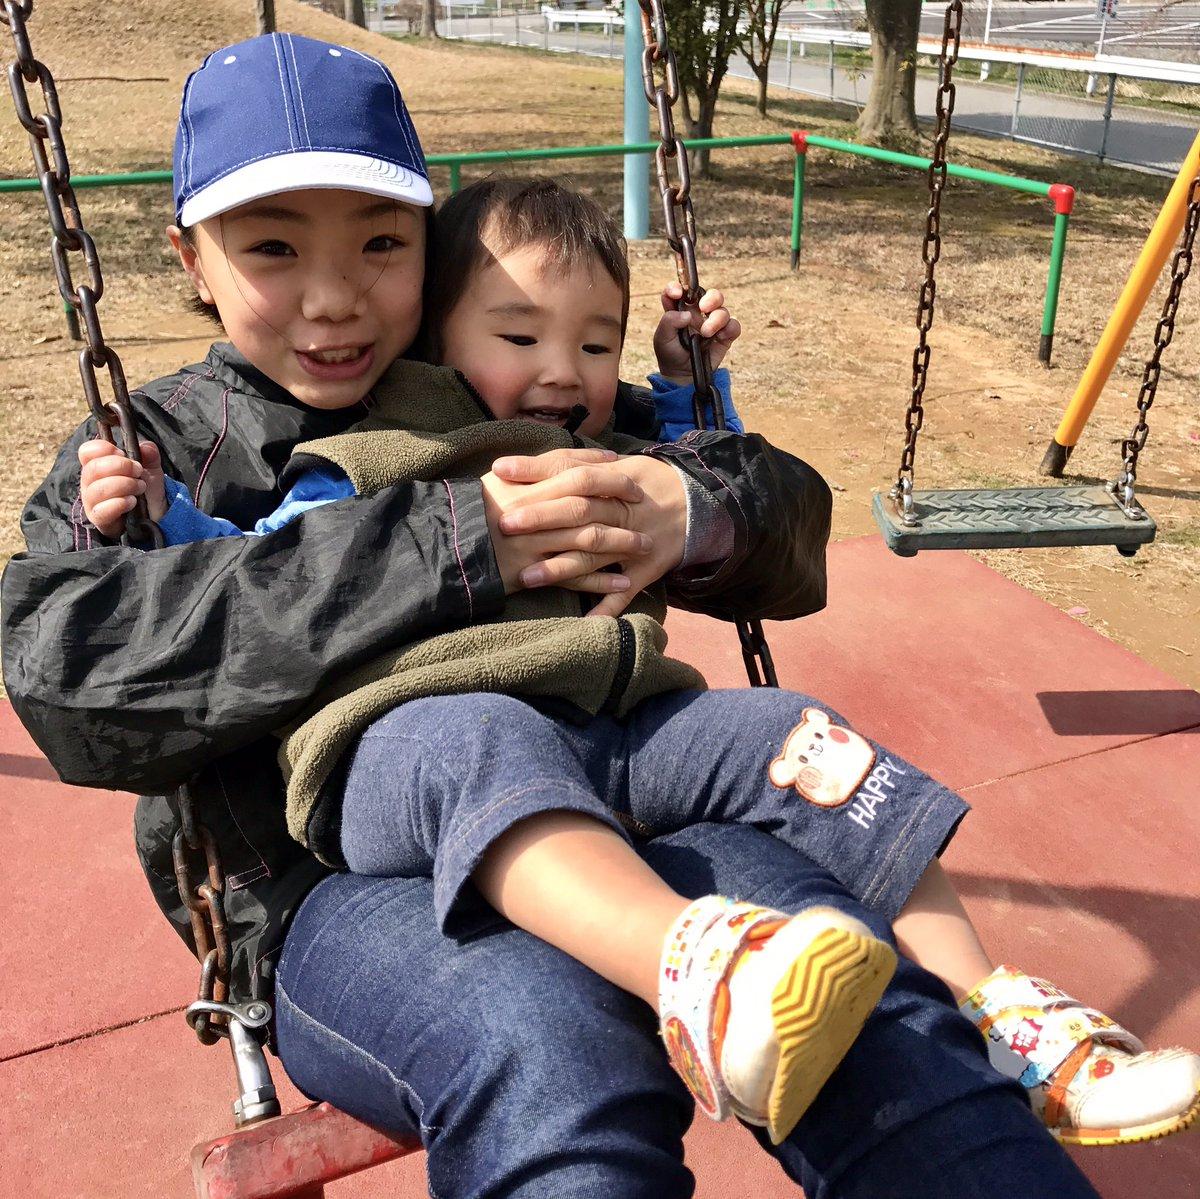 公園でお姉ちゃんとブランコ#公園#お姉ちゃん#ブランコ